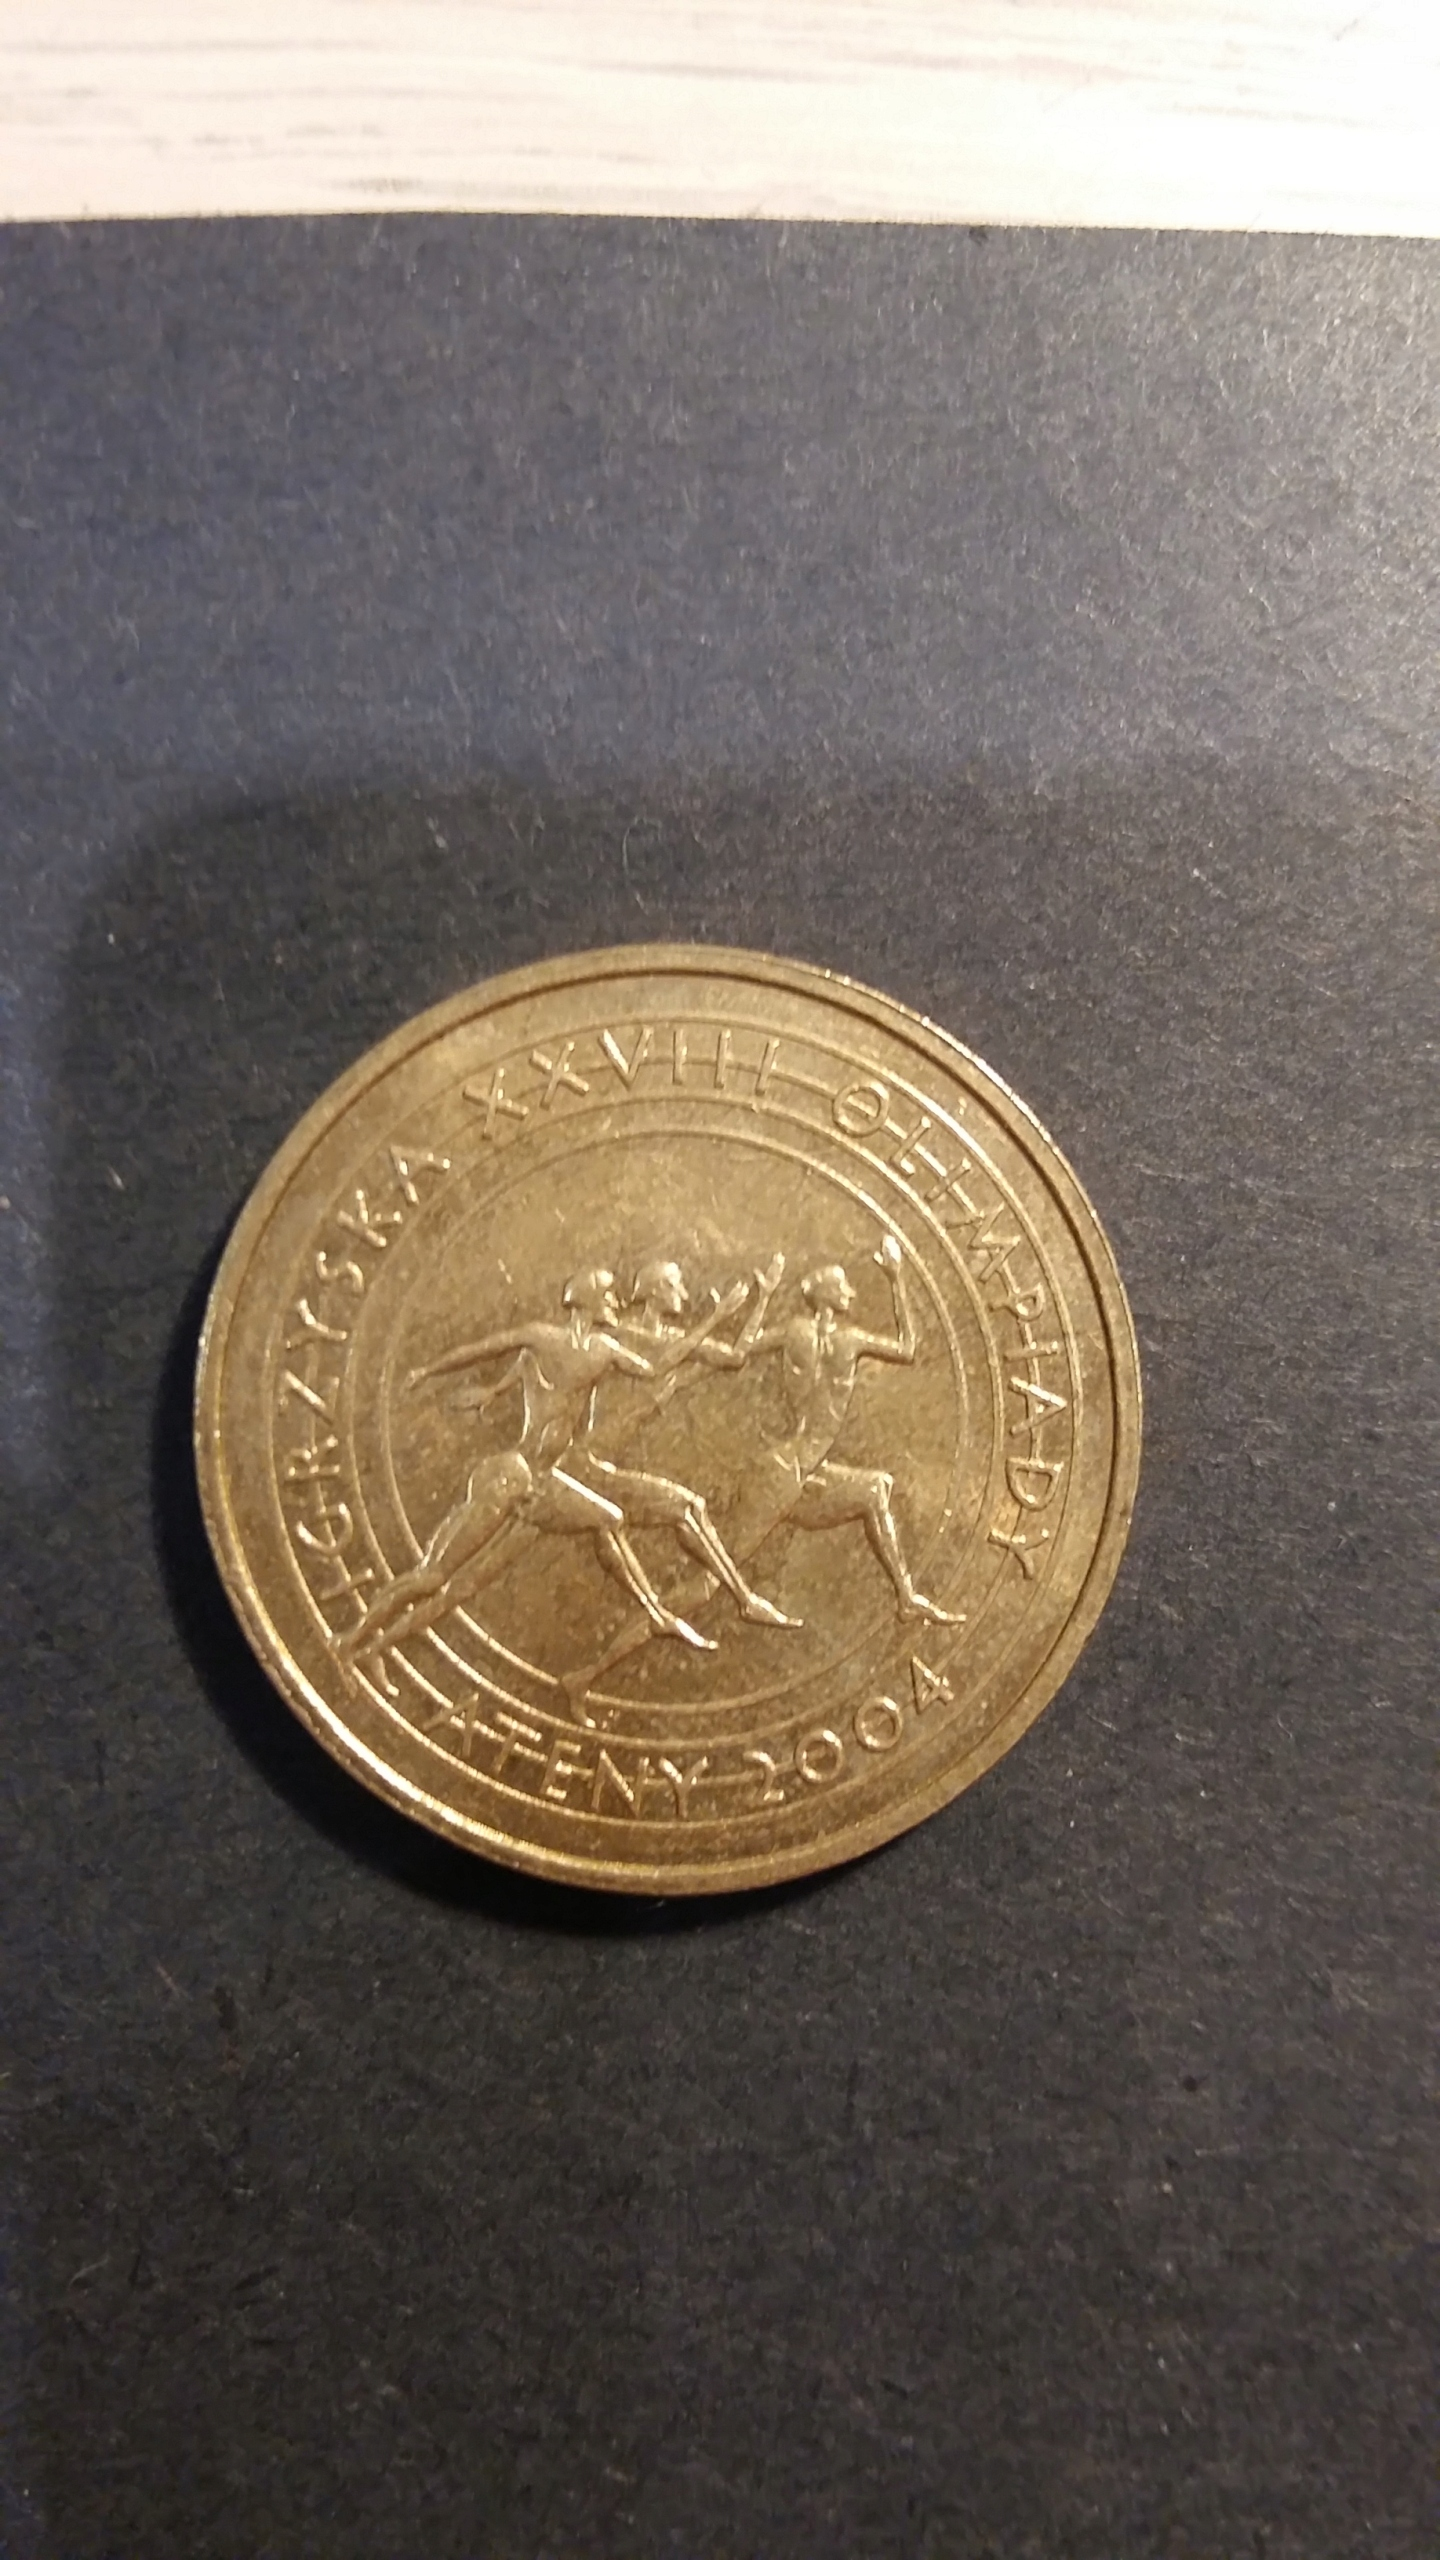 2 zł OKOLICZNOŚCIOWE - Igrzyska Ateny 2004